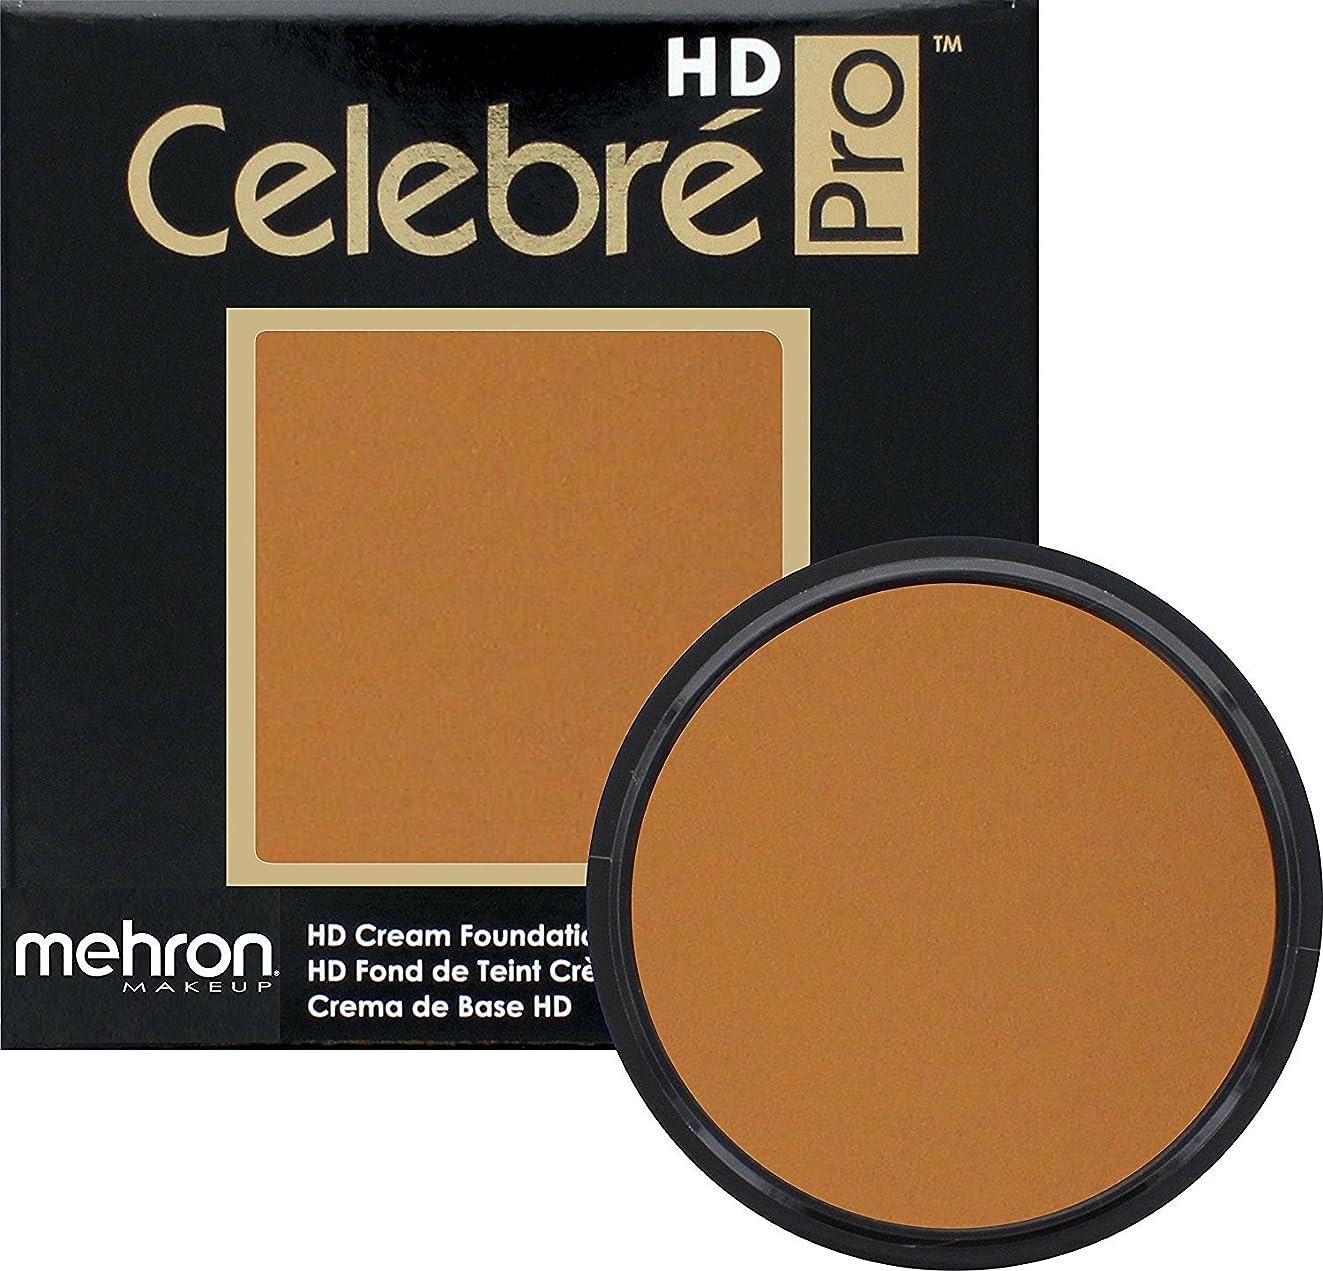 mehron Celebre Pro HD Make Up Medium/Dark 3 (並行輸入品)